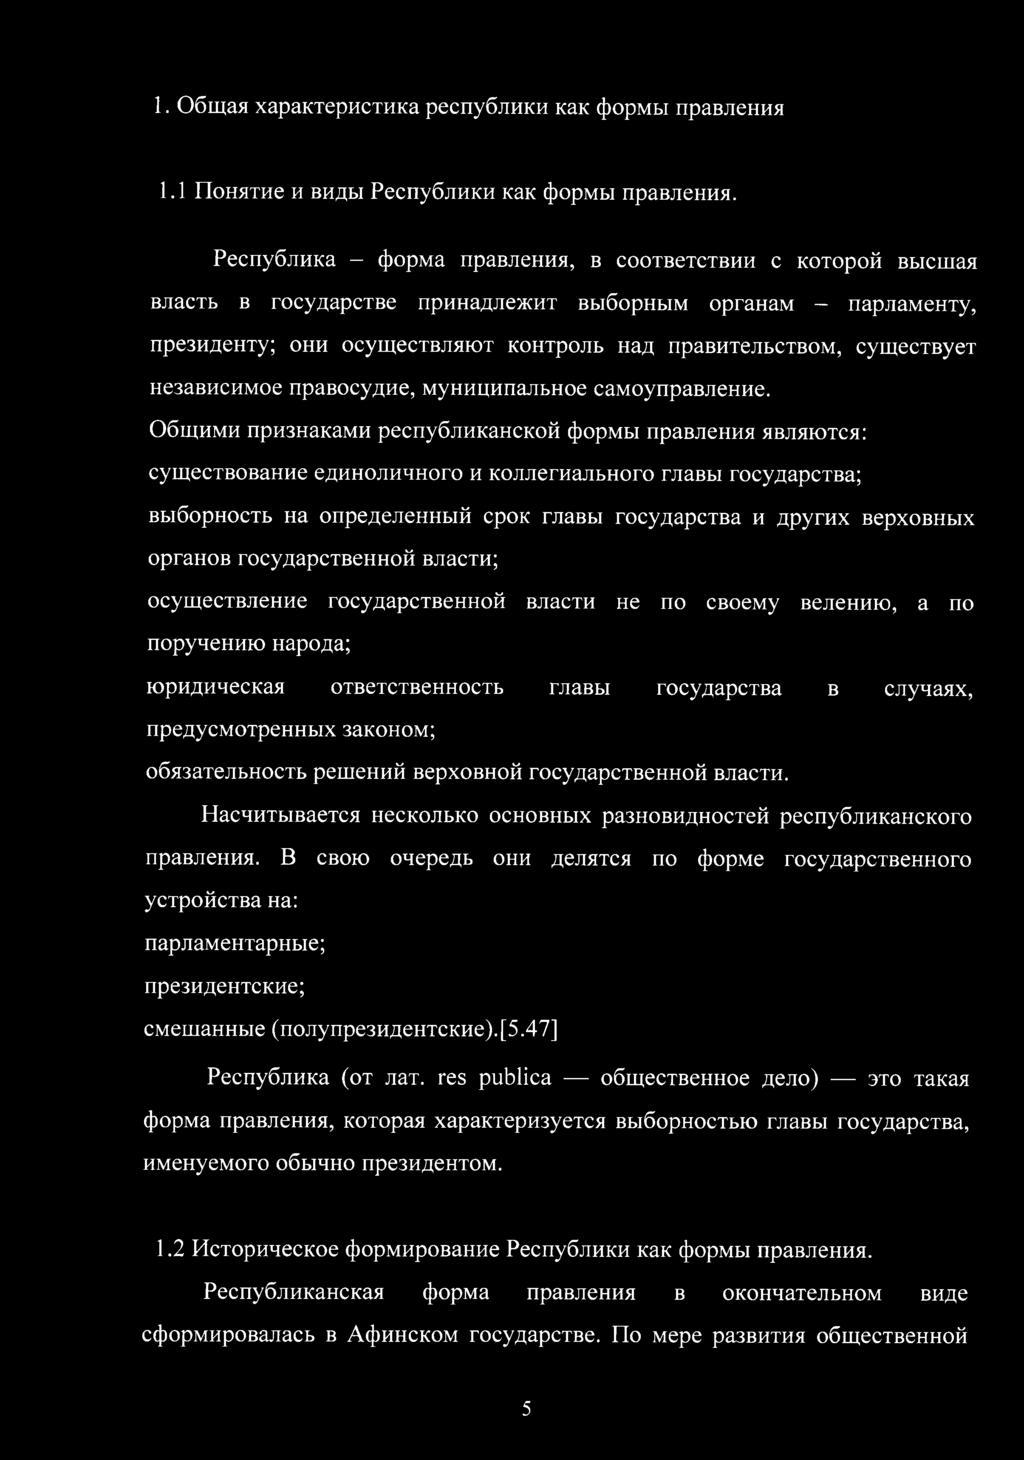 Что такое республика: определение государственного строя, разновидности, что означает слово республика в переводе | domosite.ru